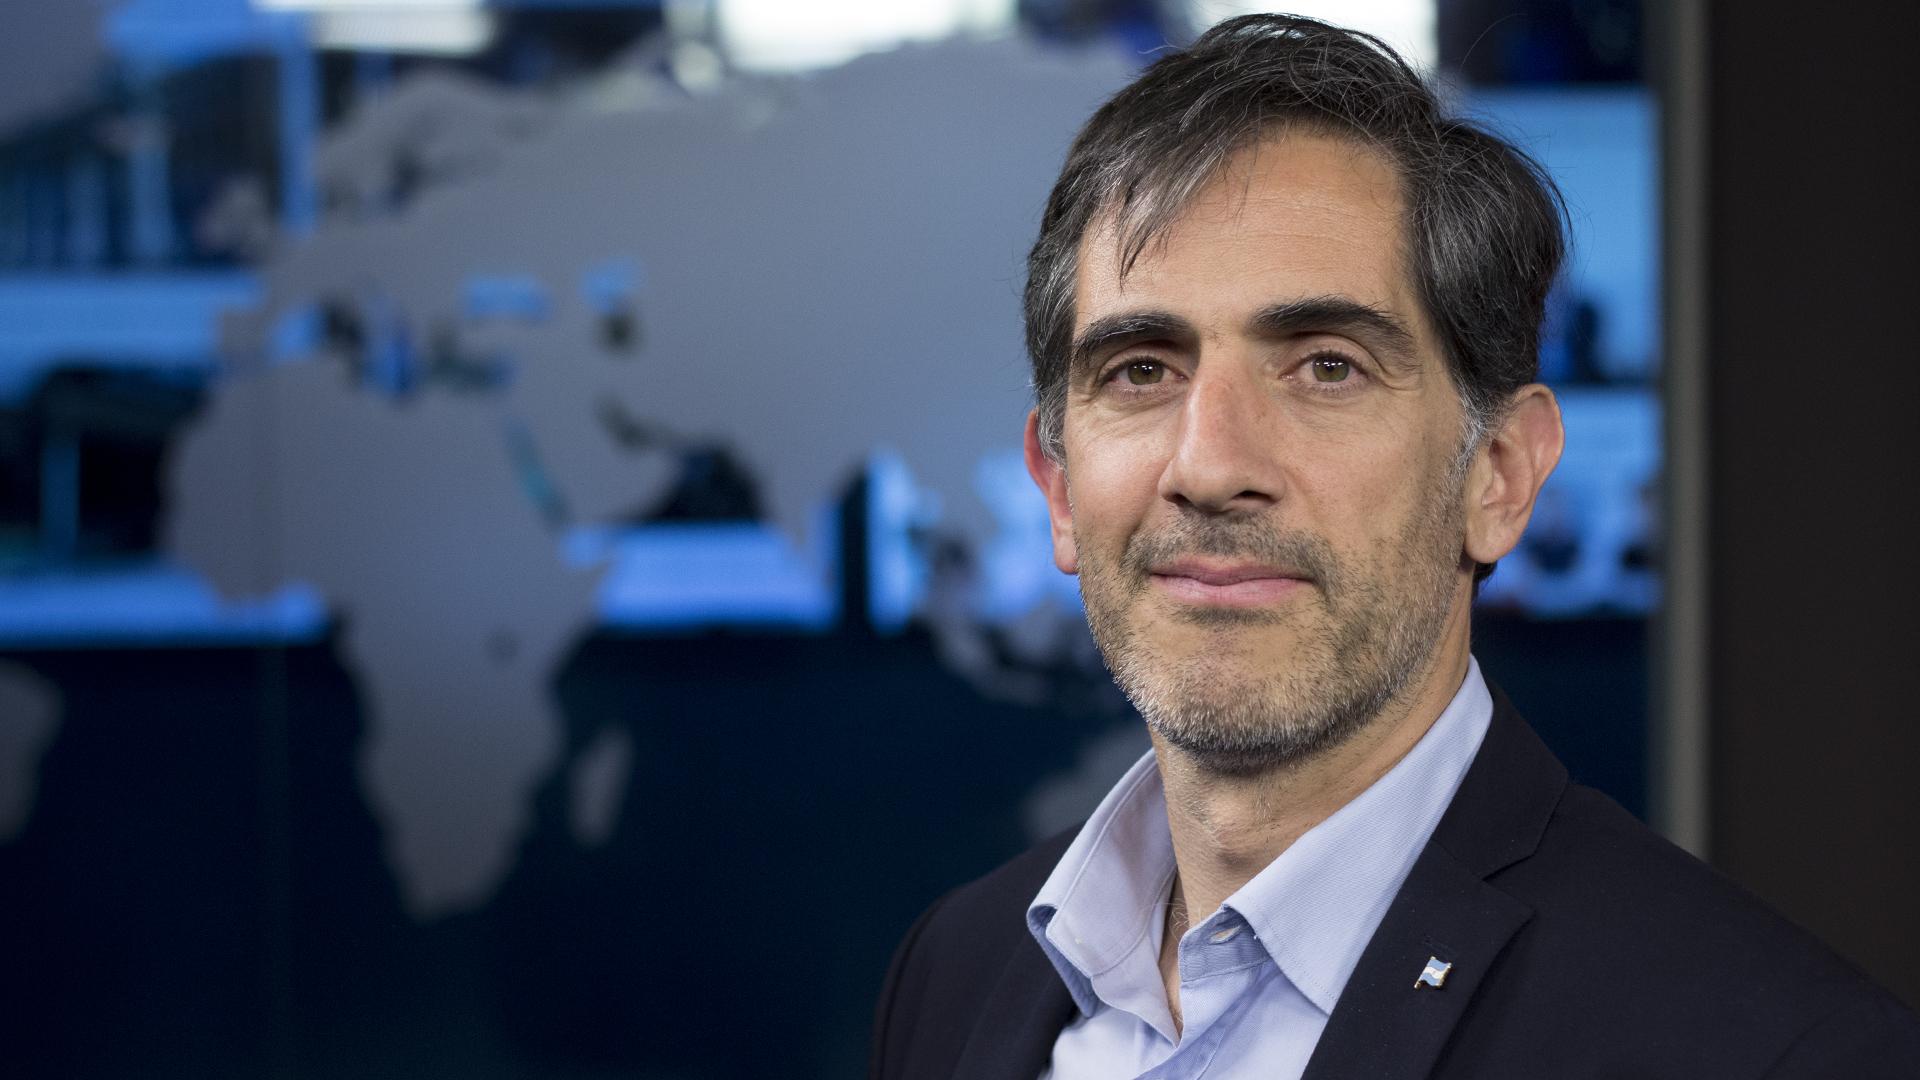 Juan Pablo Trípodi es Presidente Ejecutivo de la Agencia Argentina de Inversiones y Comercio Internacional